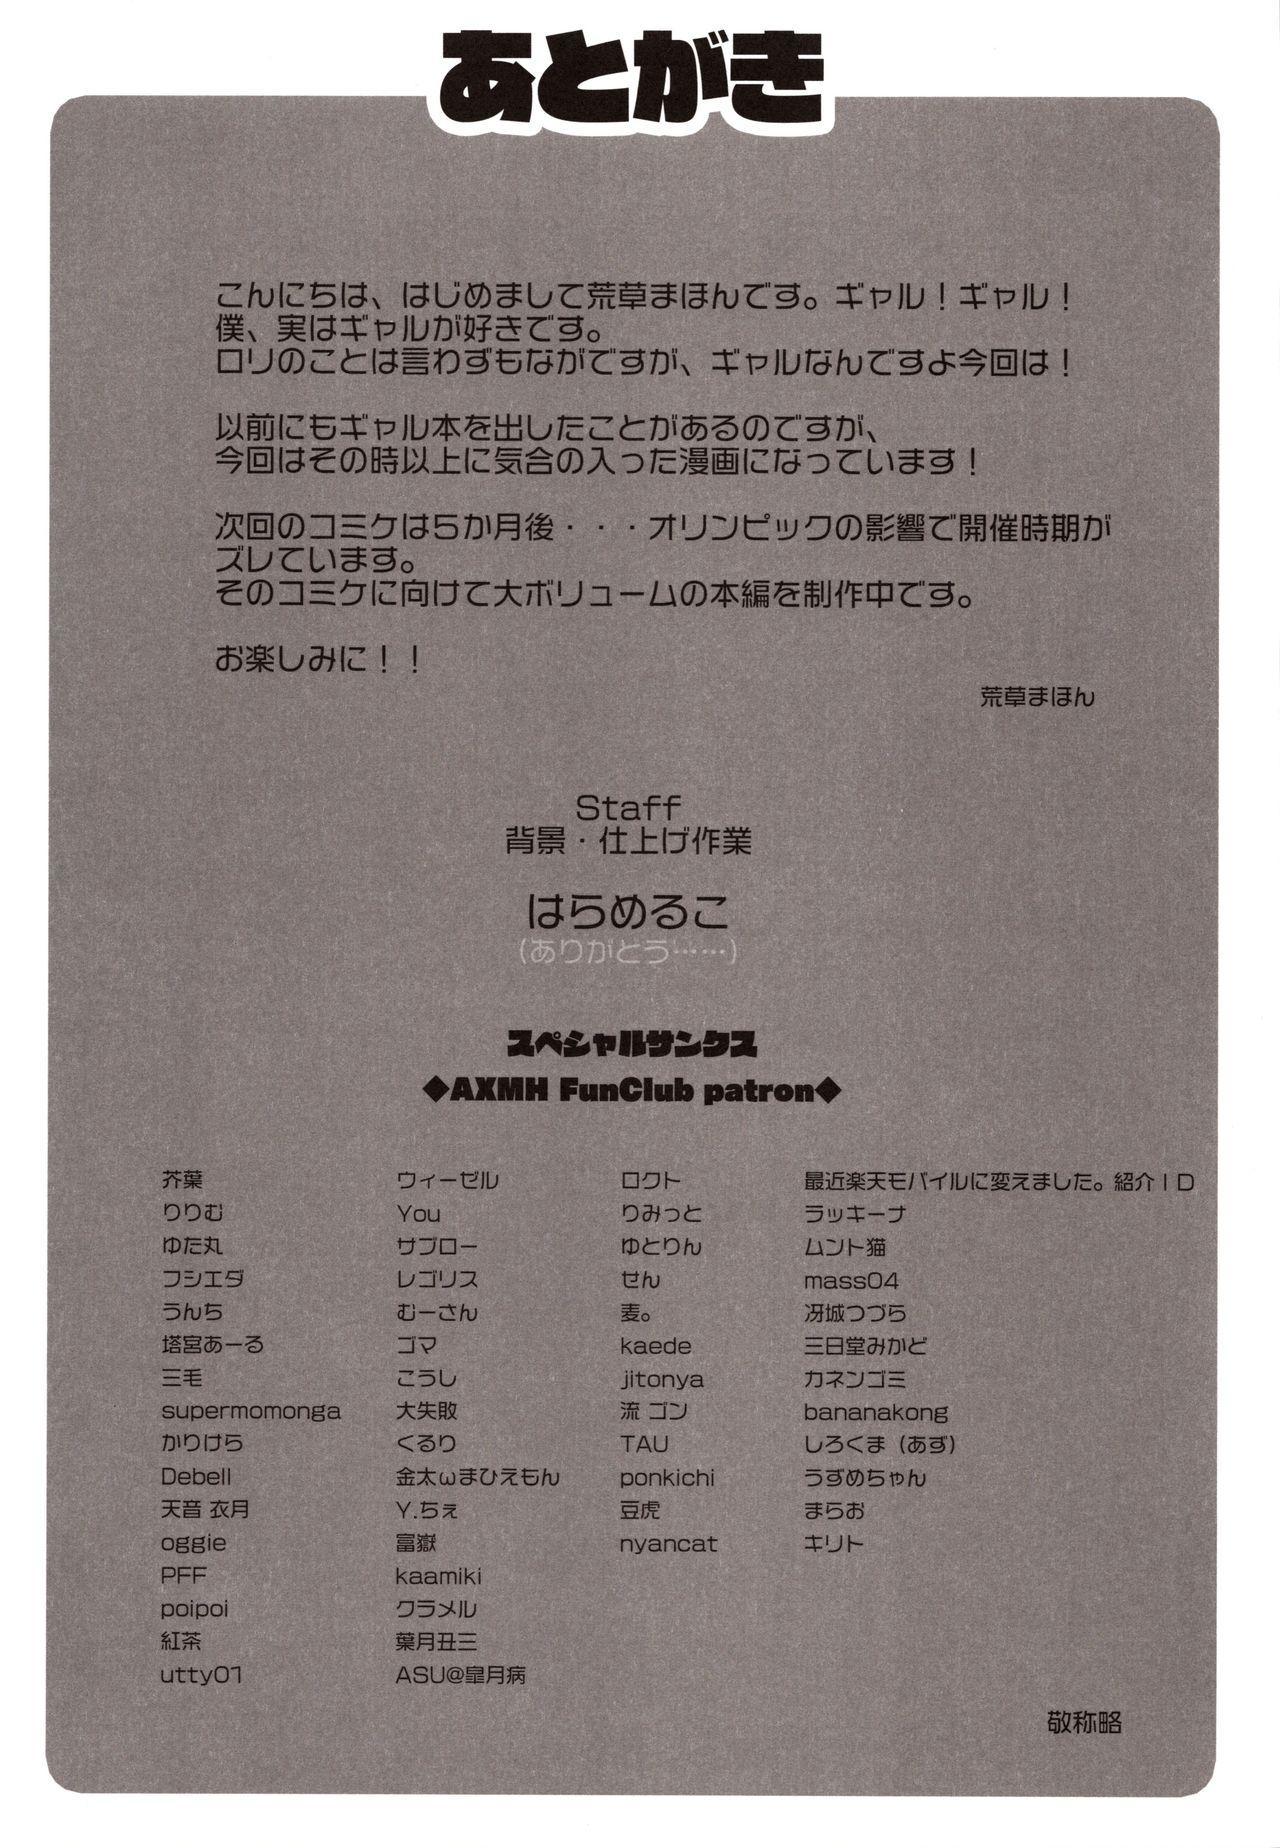 Yasuragi-kun no Harem Monogatari Prologue 31